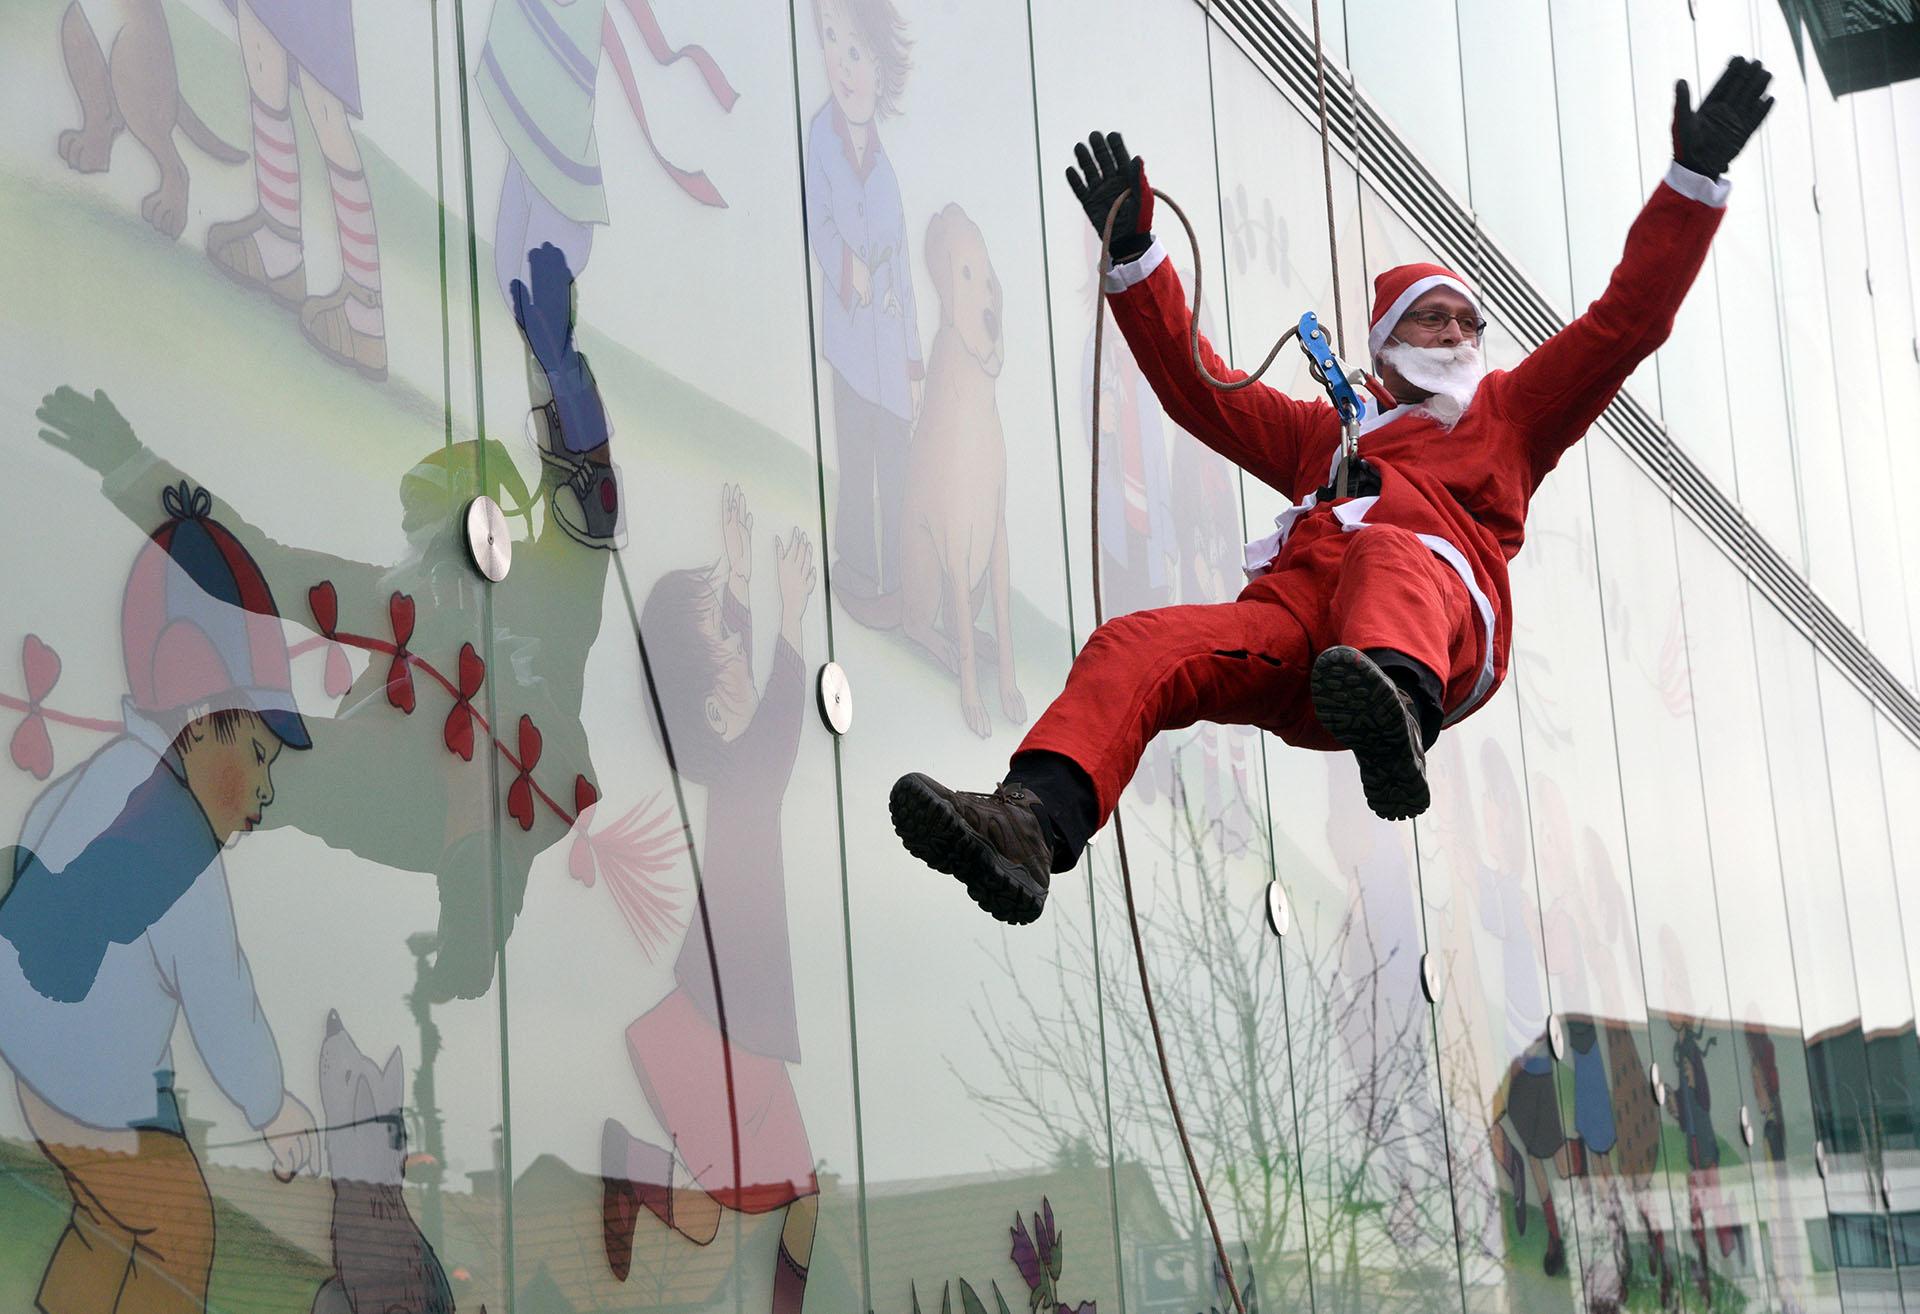 Un miembro del Servicio de Rescate de Montaña vestido con un traje de Papá Noel se acerca a los pacientes mientras desciende del techo de una clínica pediátrica en Ljubljana, Eslovenia, el 19 de diciembre de 2017. (Reuters)